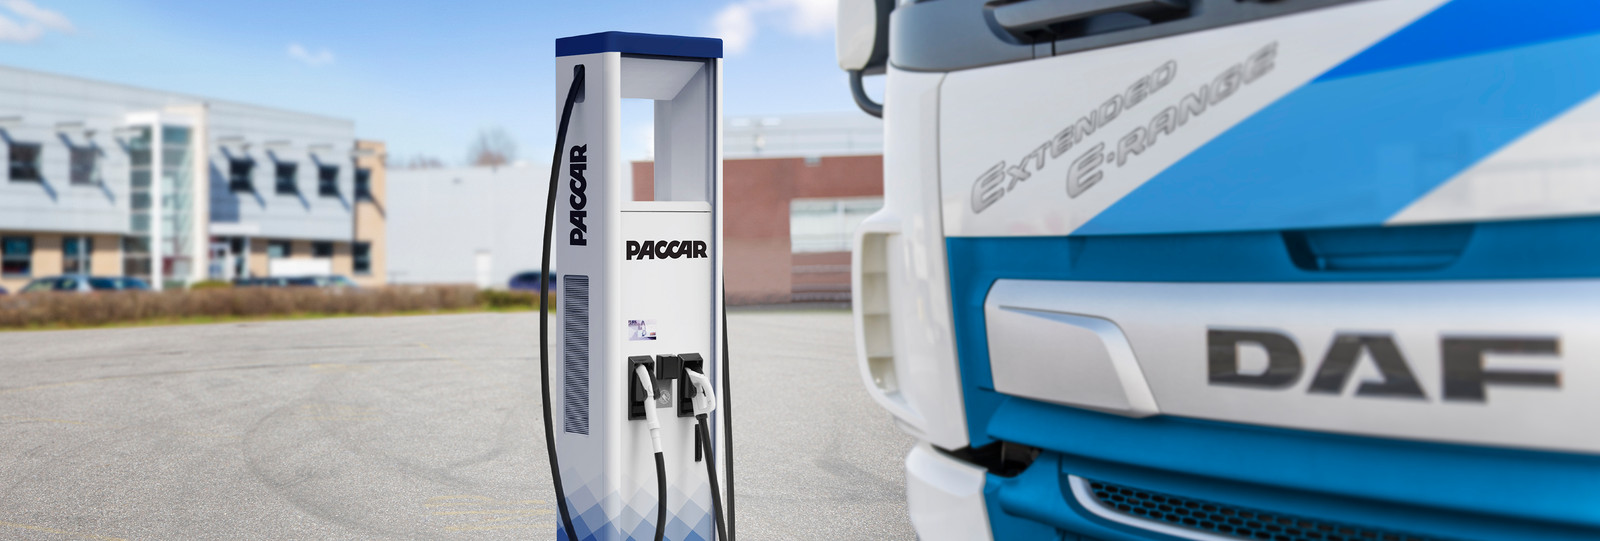 Laadstation van Paccar voor elektrische trucks van DAF.